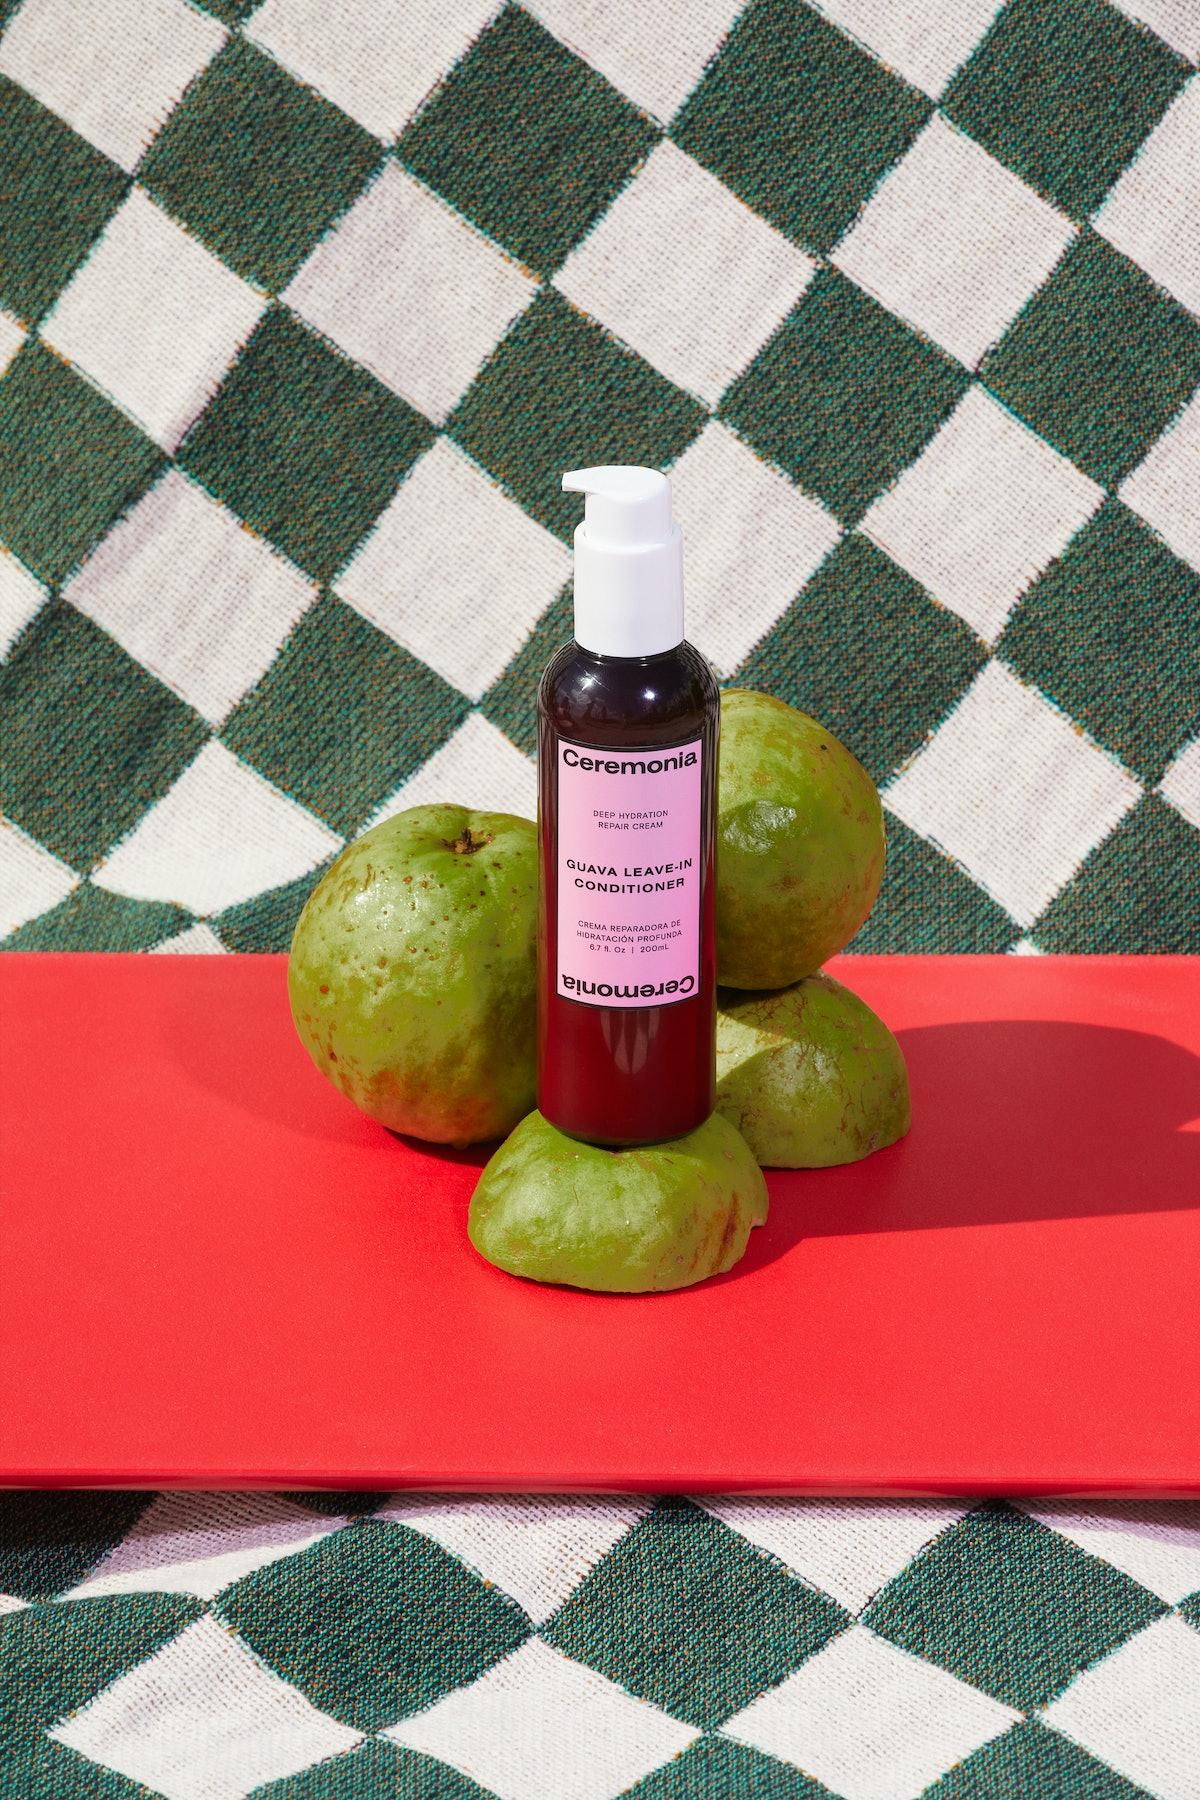 Ceremonia Guava Leave-In Conditioner